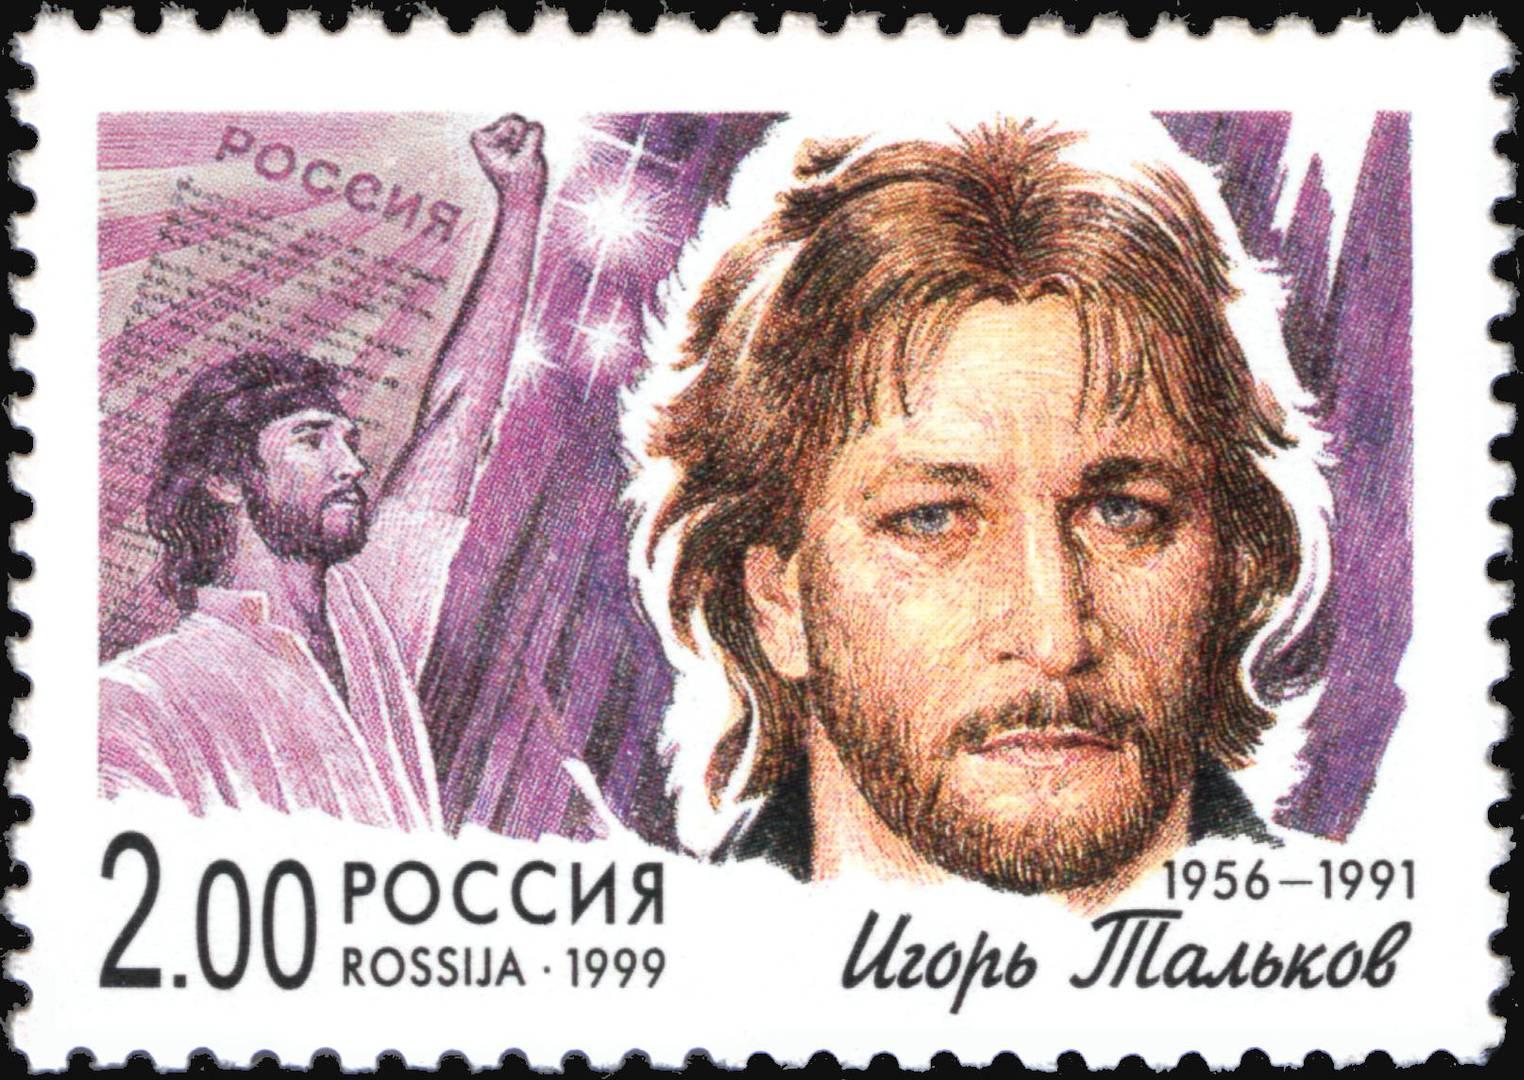 Марка России, Игорь Тальков, 1999, 2 руб.